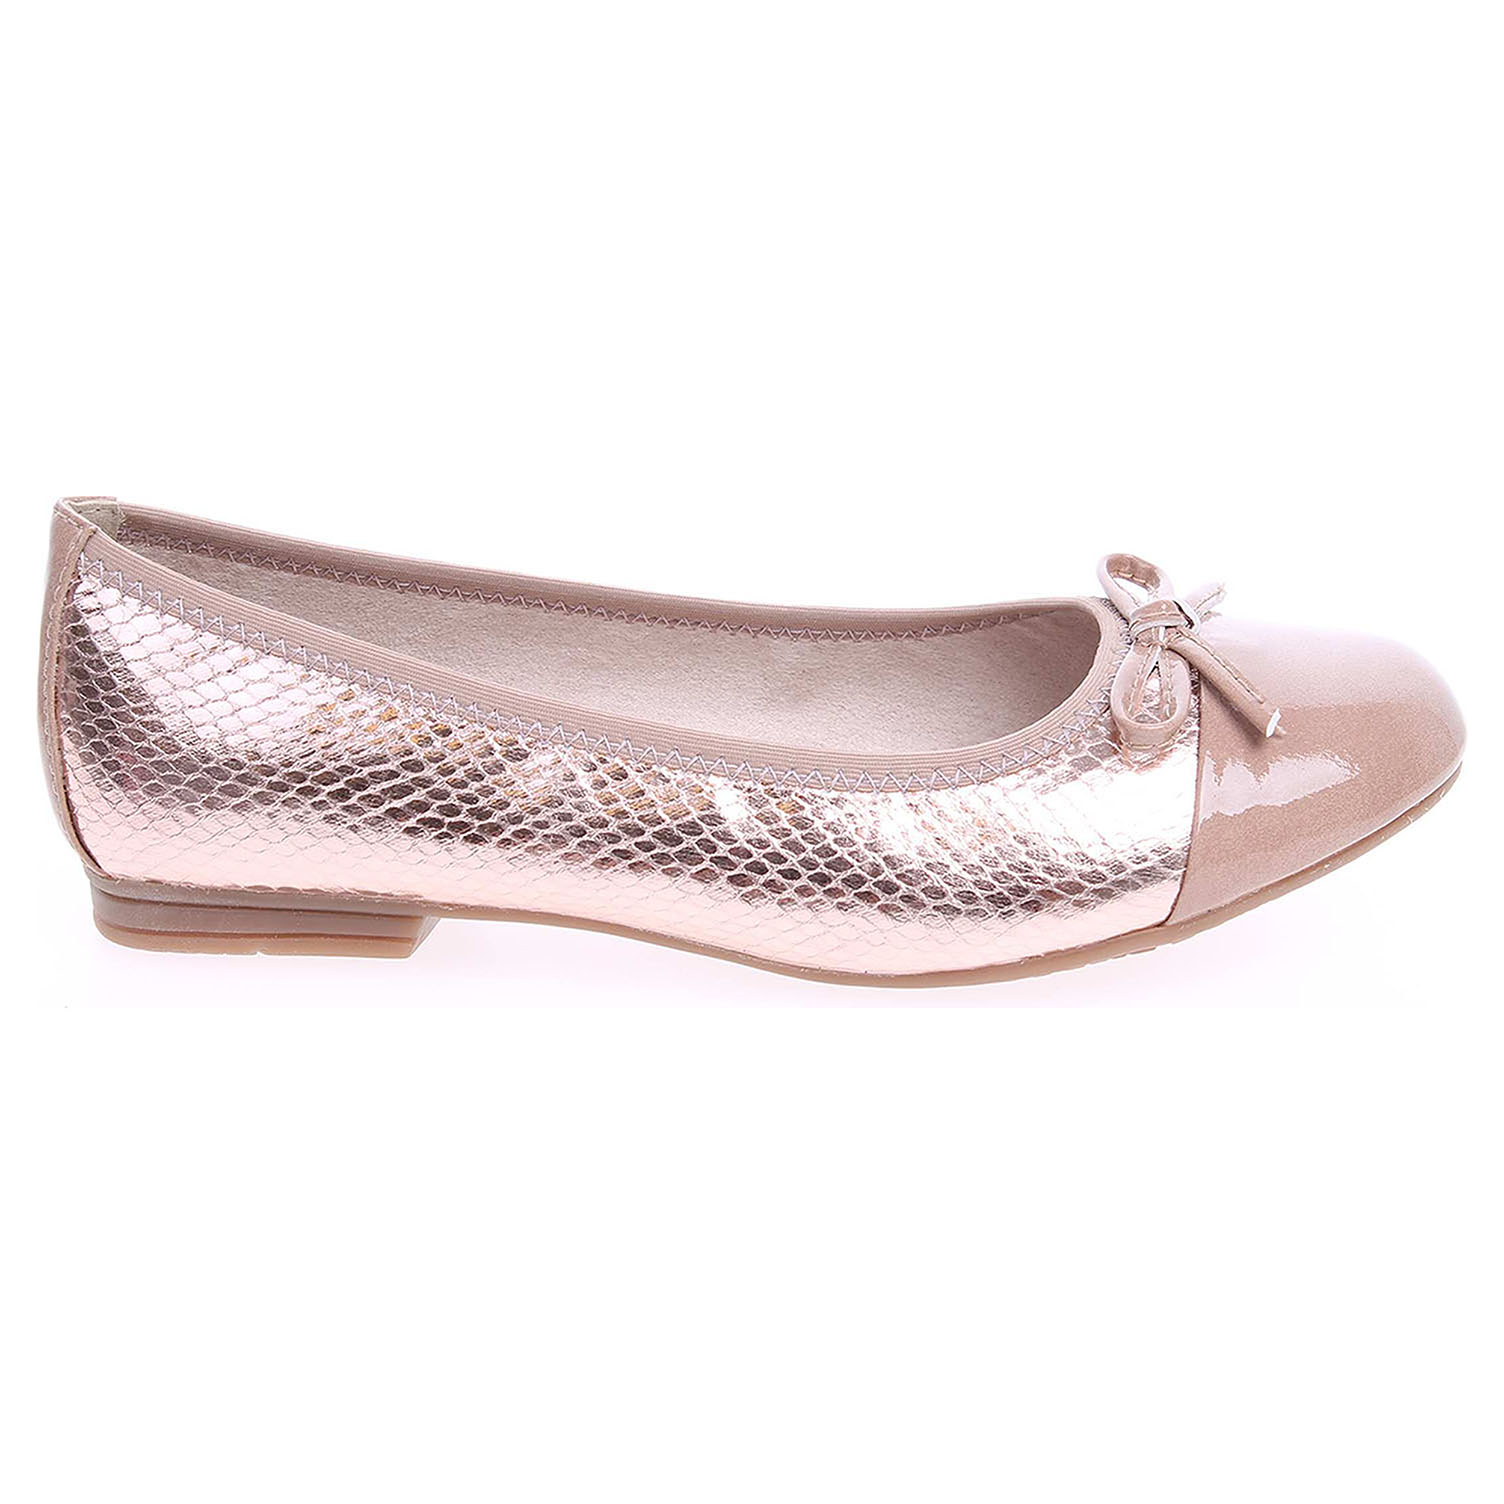 Ecco Jana dámské baleriny 8-22119-26 růžová-béžová 23300799